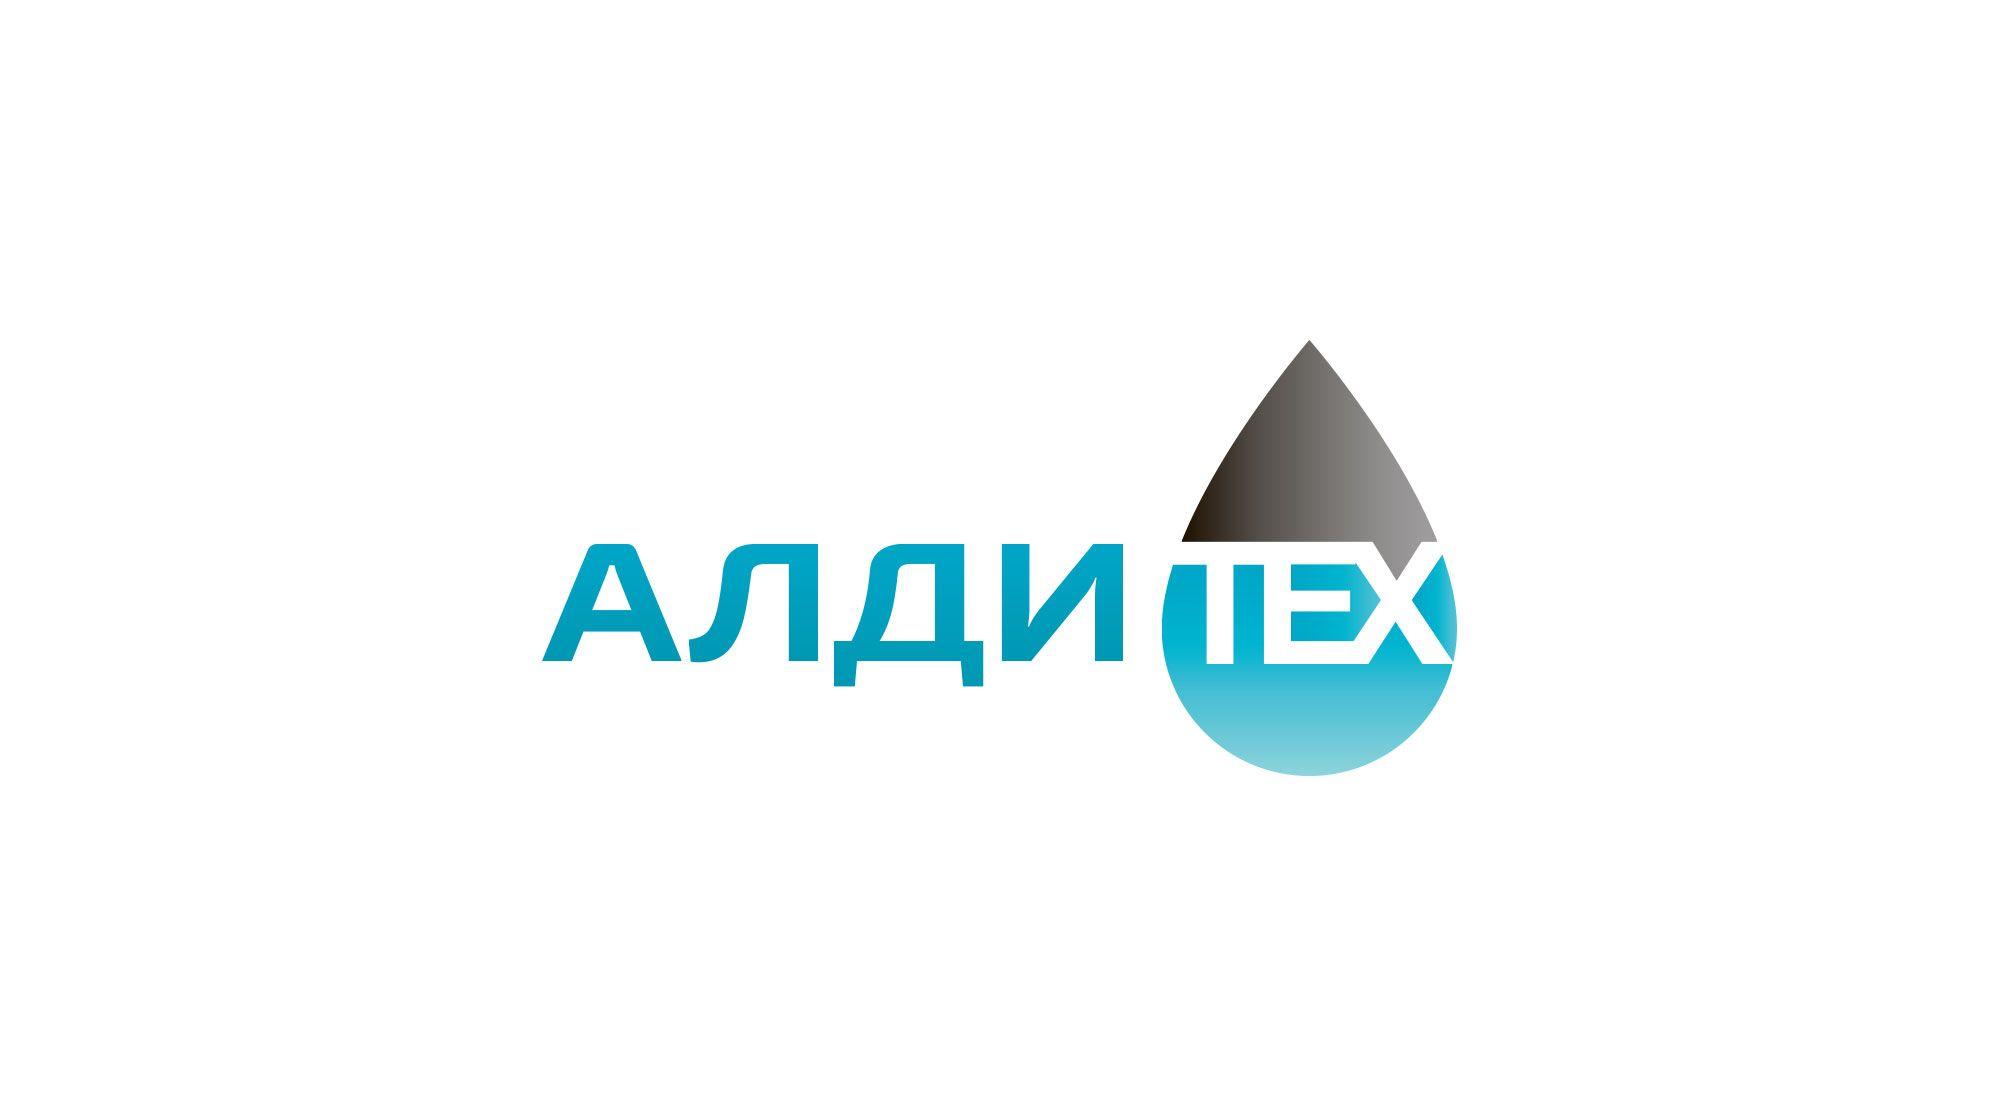 Создание логотипа компании, и визитки  - дизайнер Knock-knock